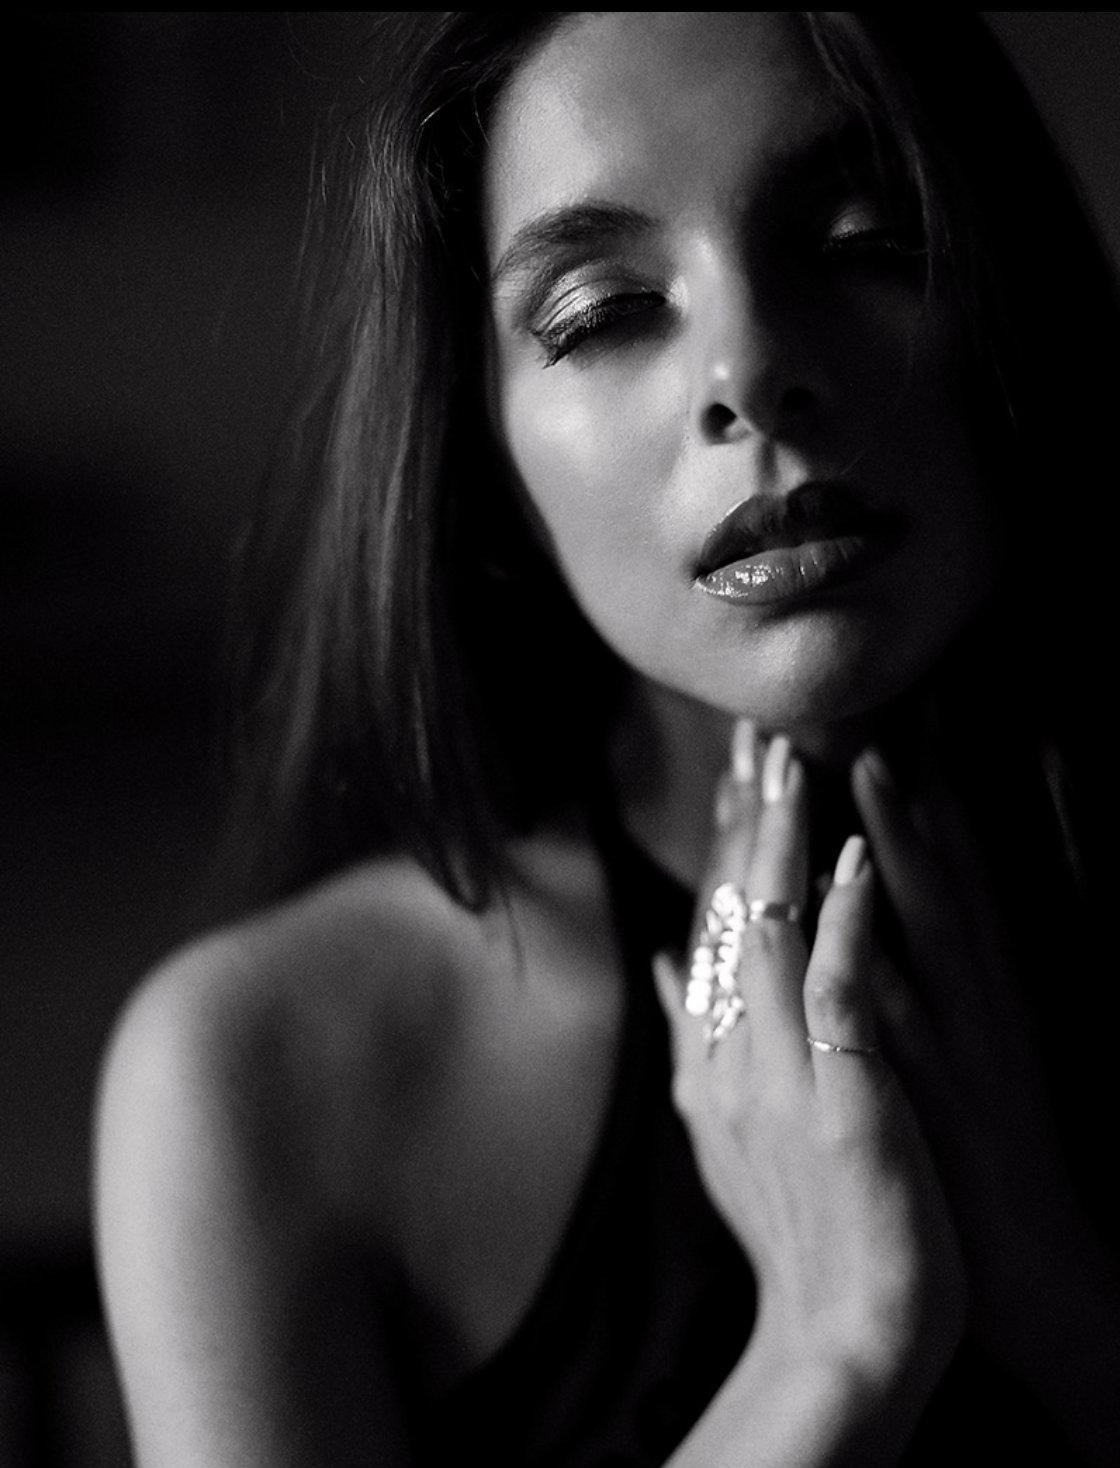 arianna anelli modella intervista luxgallery